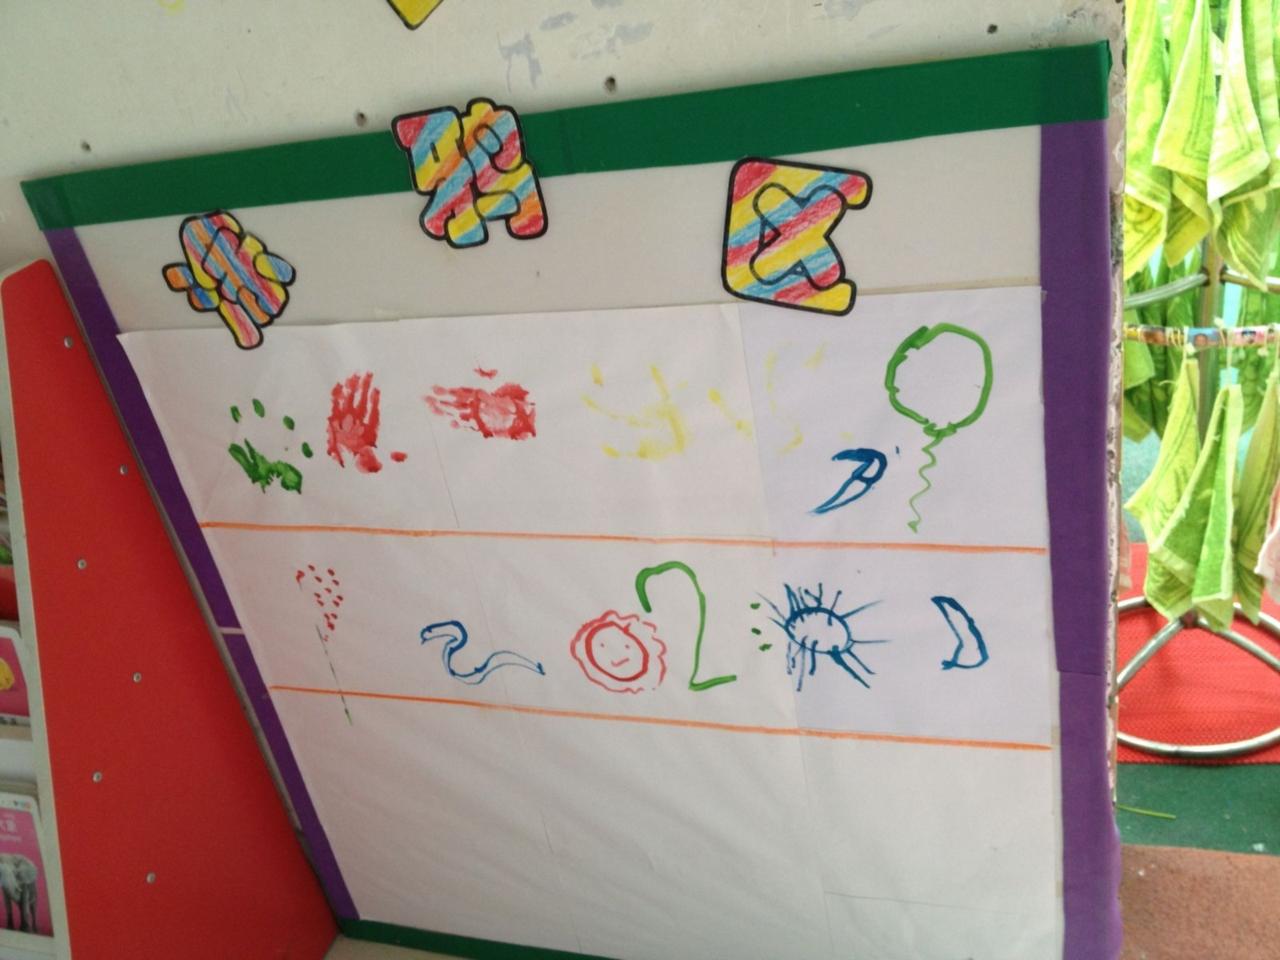 幼儿园活动室区角平面设计图展示